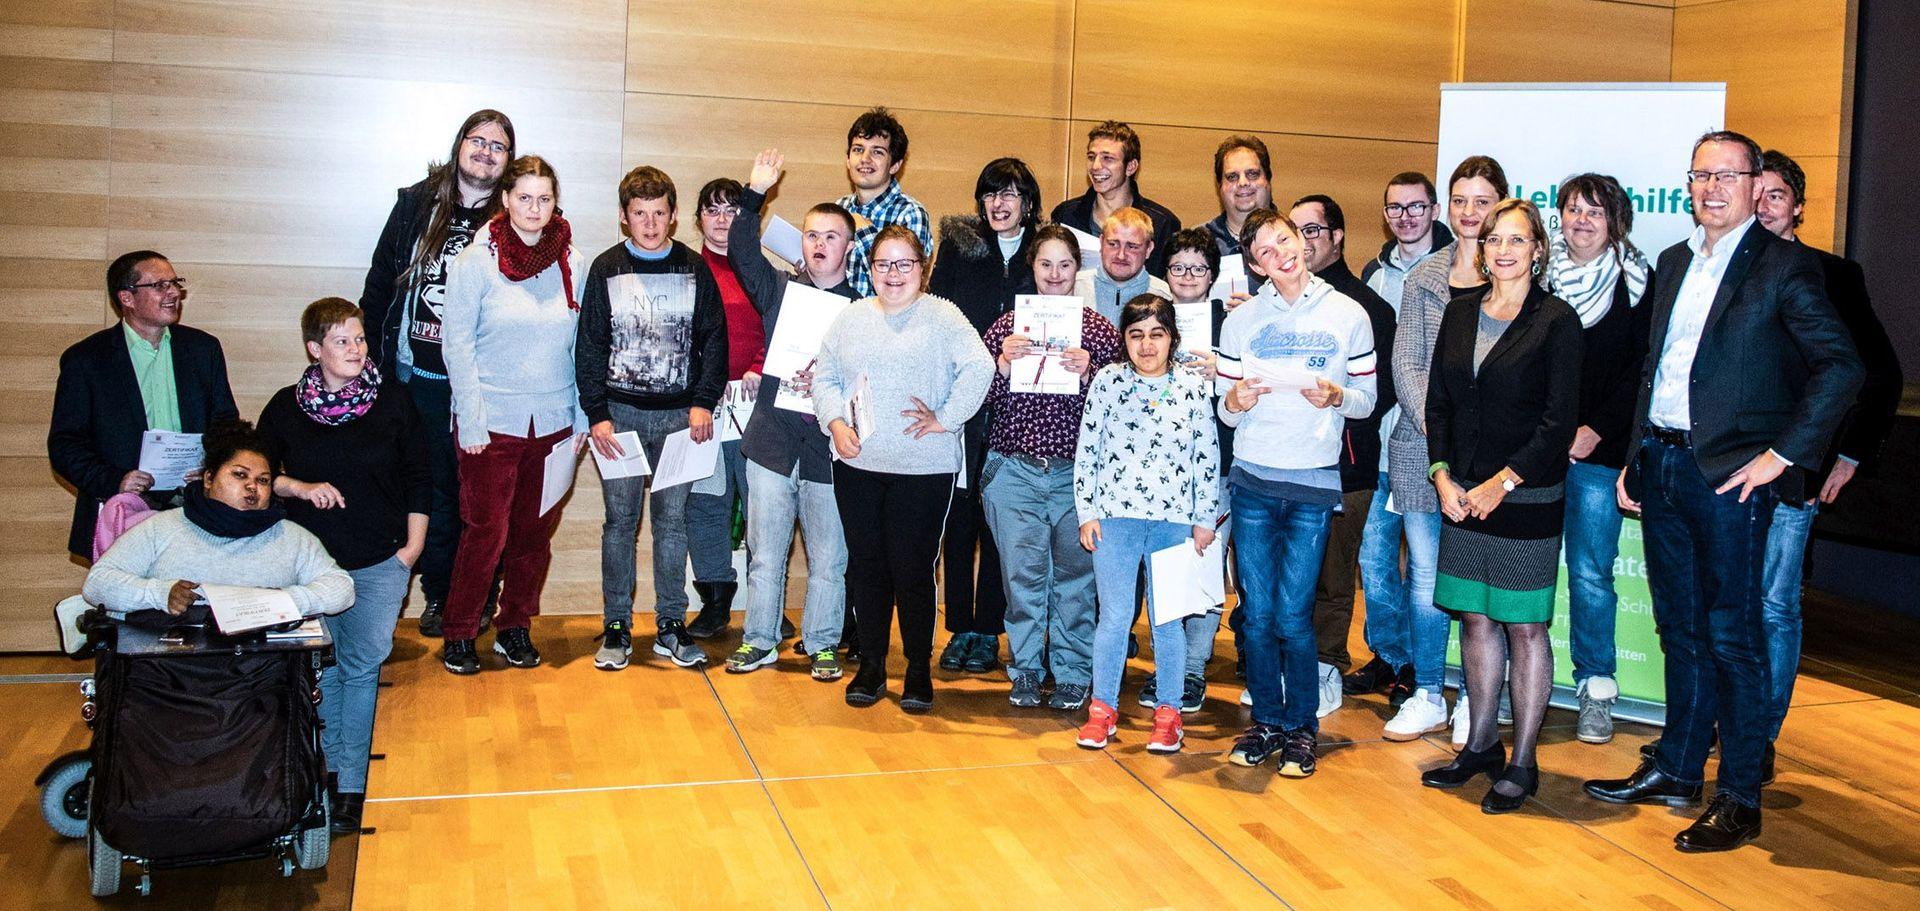 AbsolventInnen des Berufsbildungsbereichs der Lebenshilfe im Rathaus - Gruppenbild